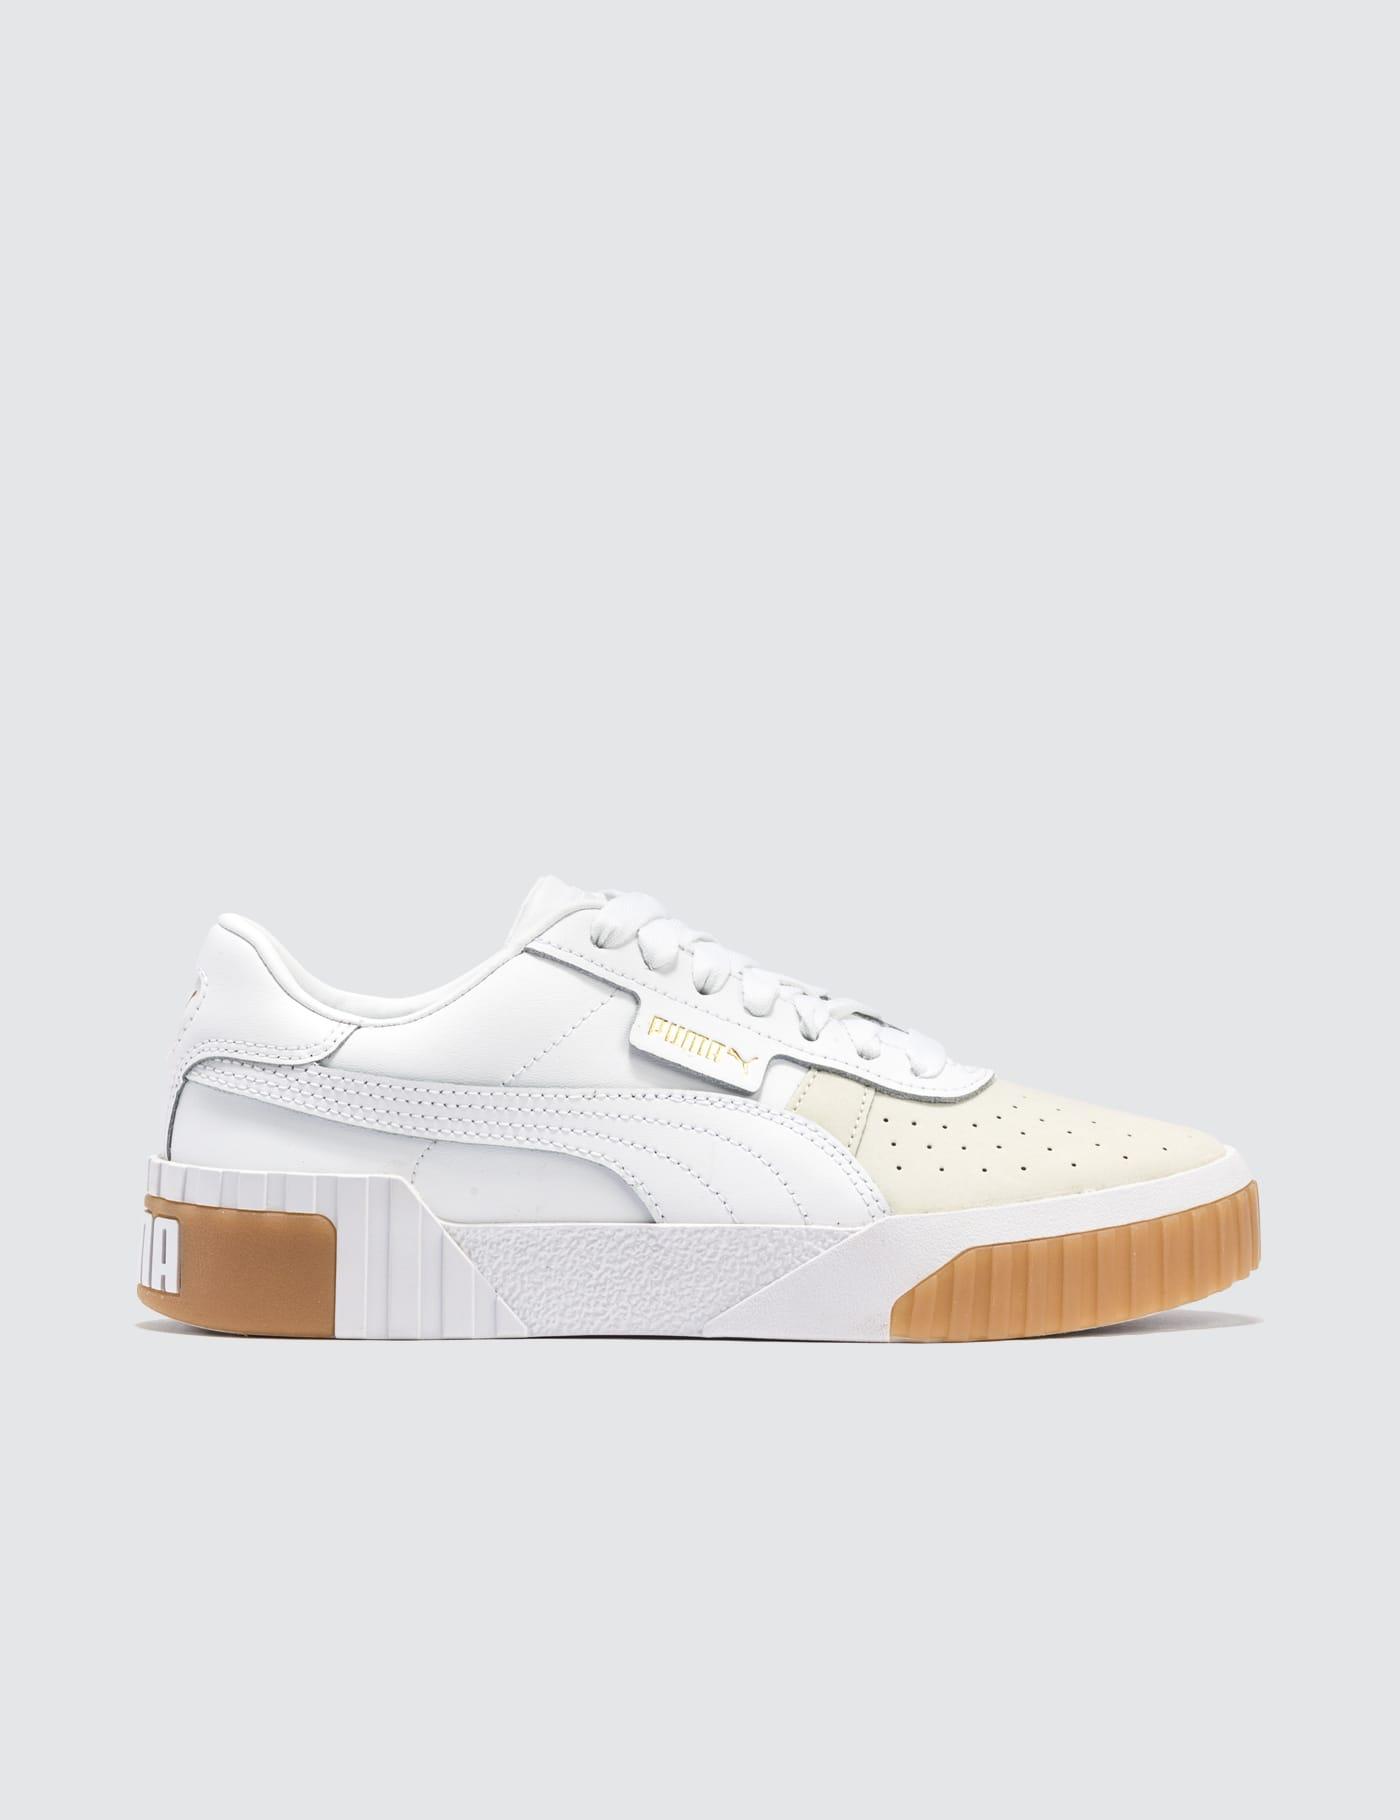 Puma - Cali Exotic Women's Sneaker   HBX